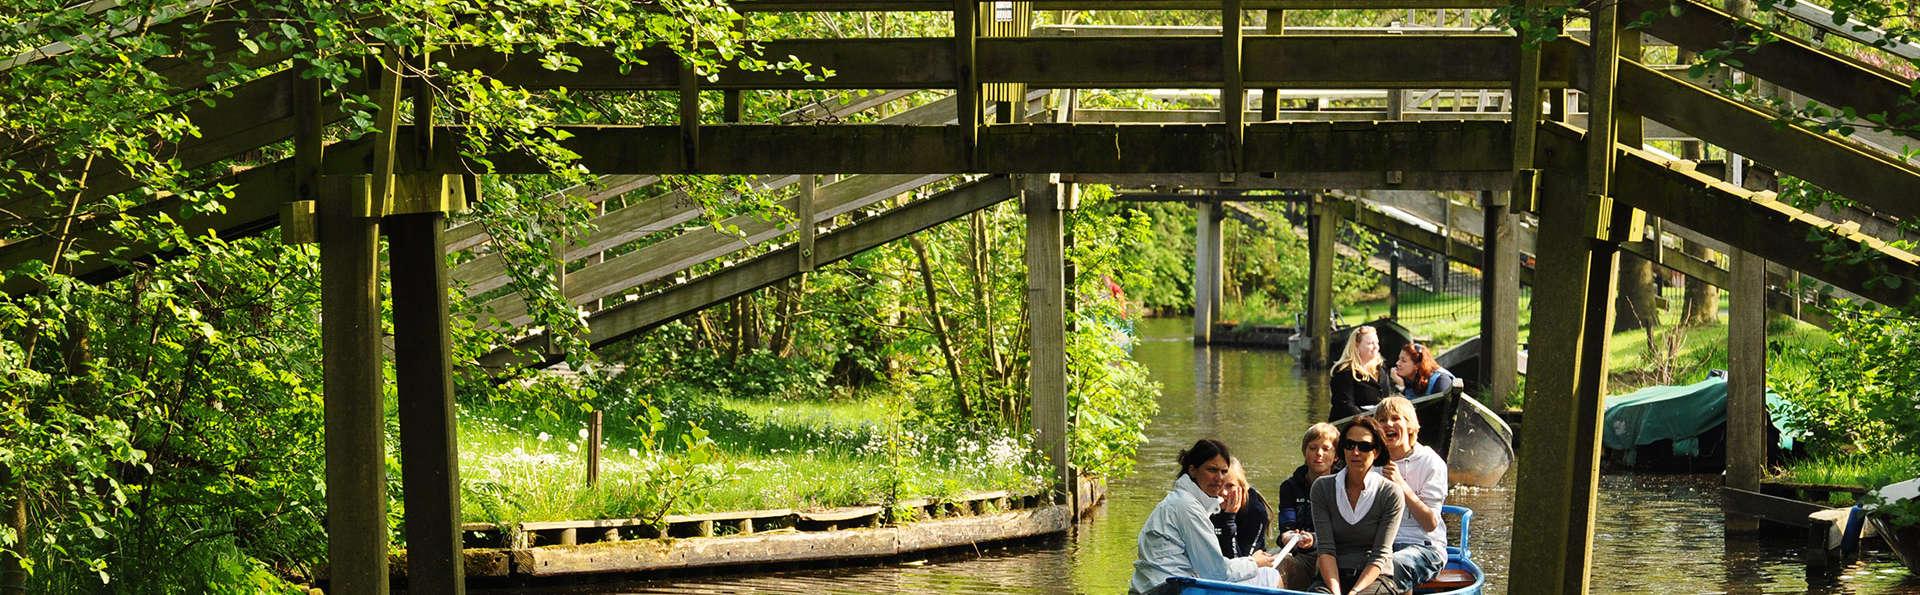 Séjournez dans une chambre supérieure et profitez de la nature et du bien-être près de Giethoorn.